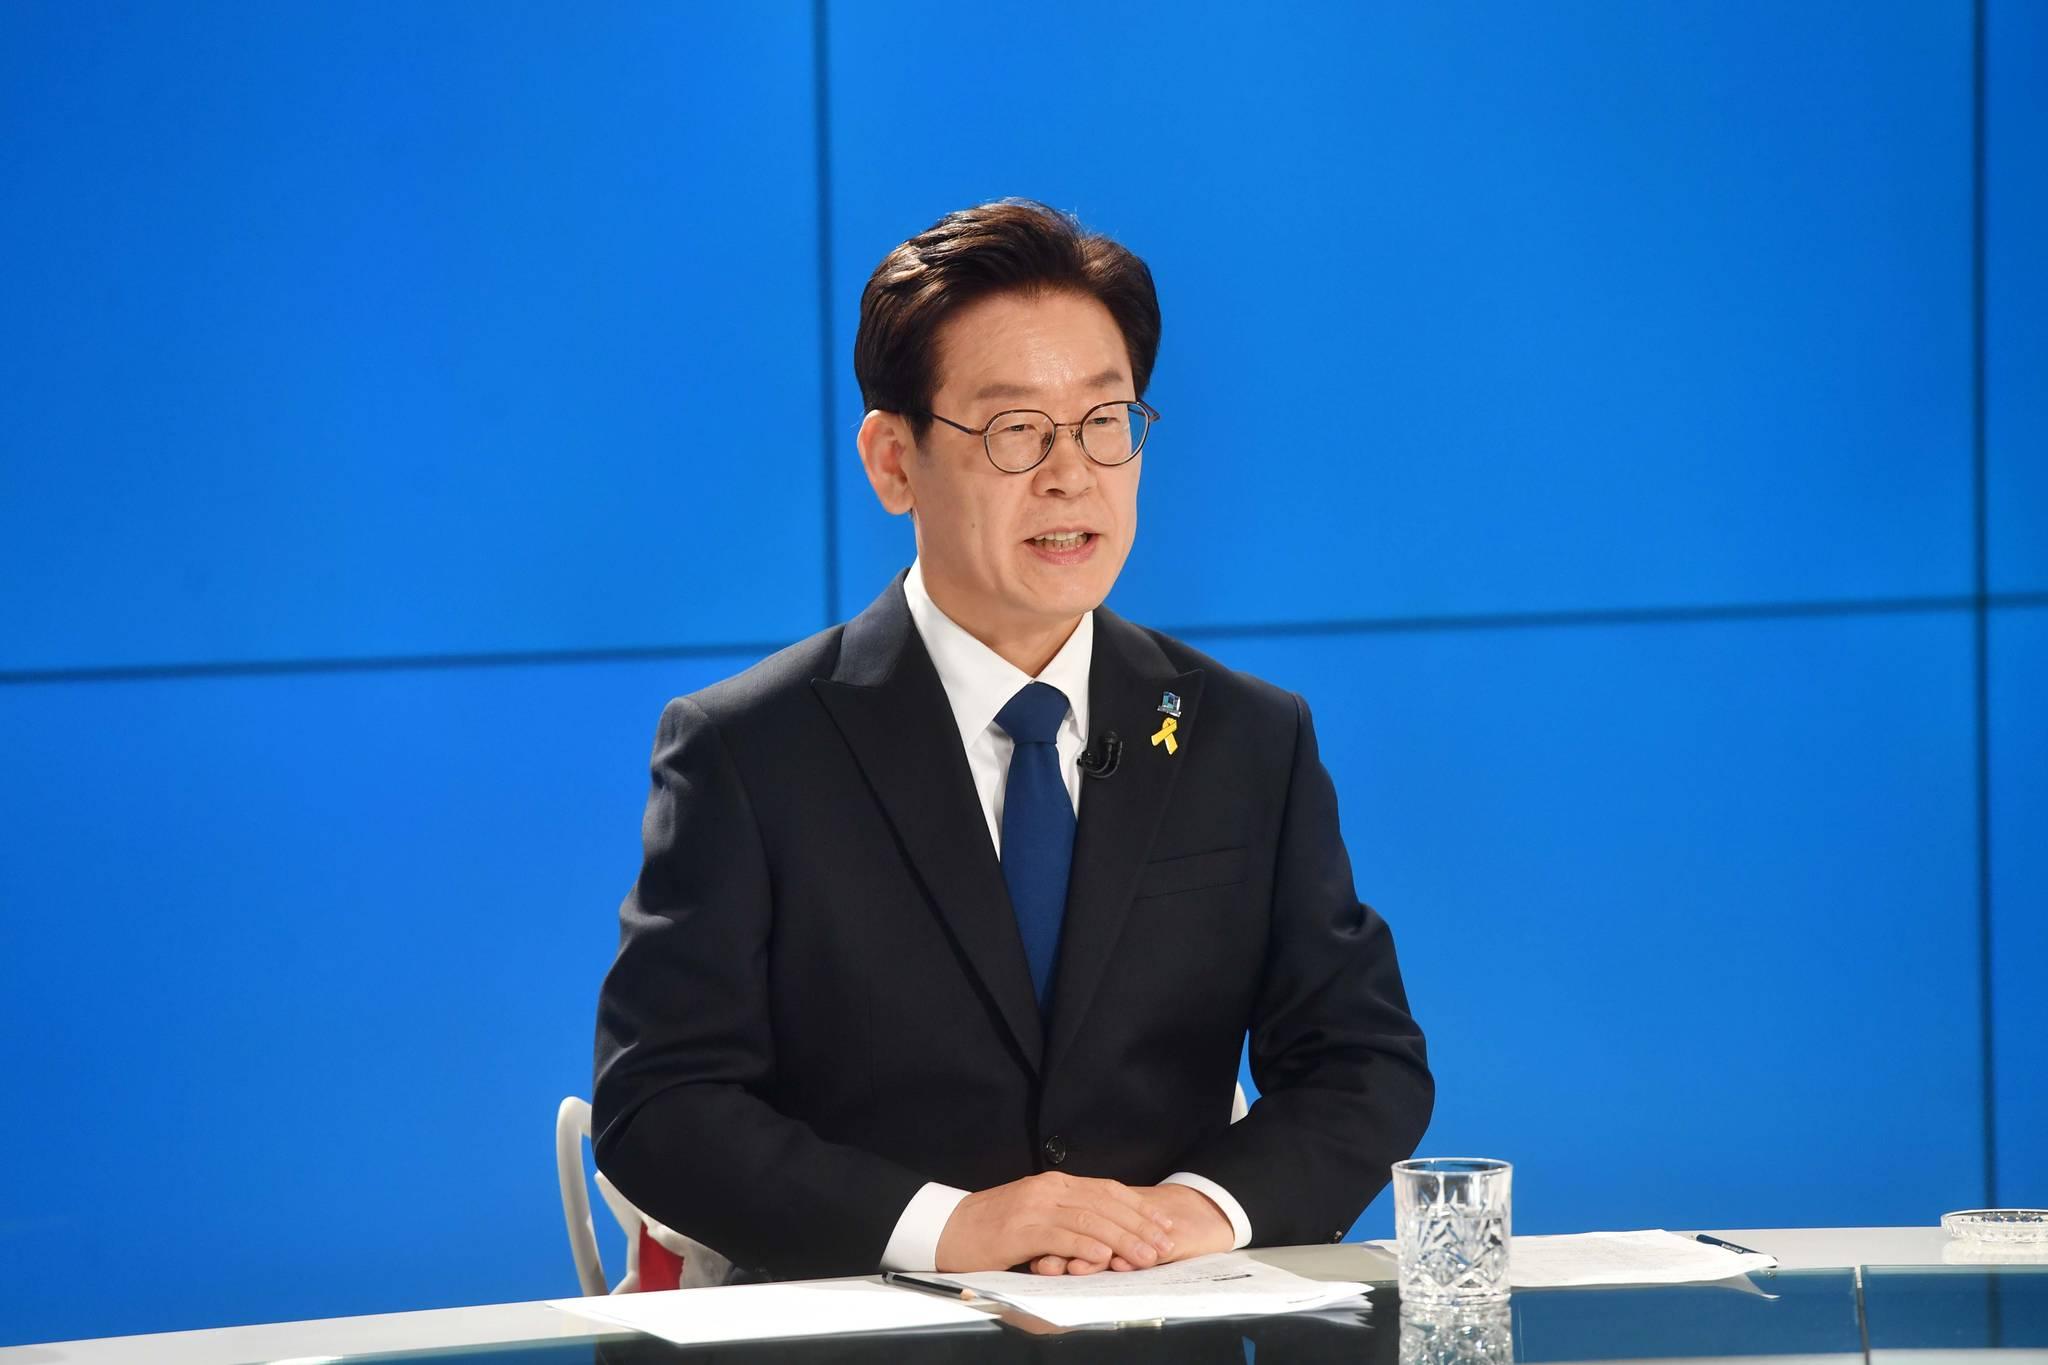 이재명 경기도지사 후보. 사진공동취재단